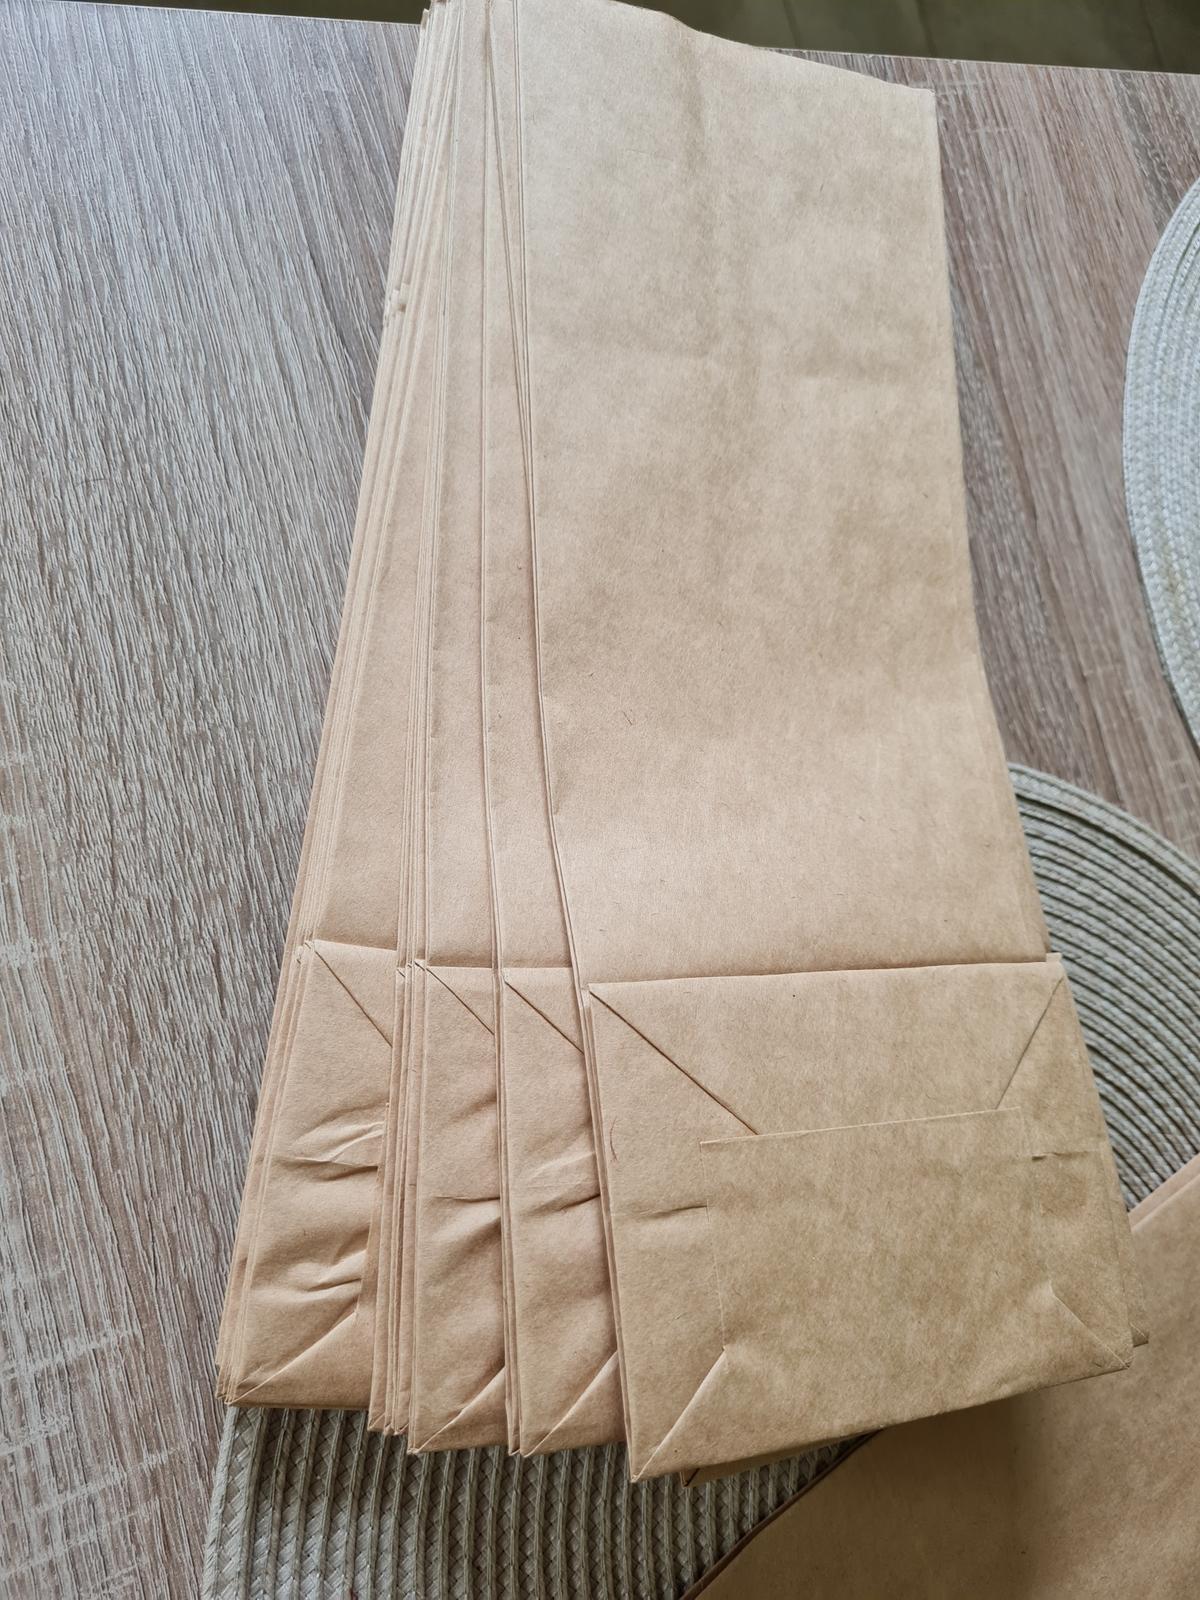 Papírová taška bez uch 120x95x325mm - Obrázek č. 1